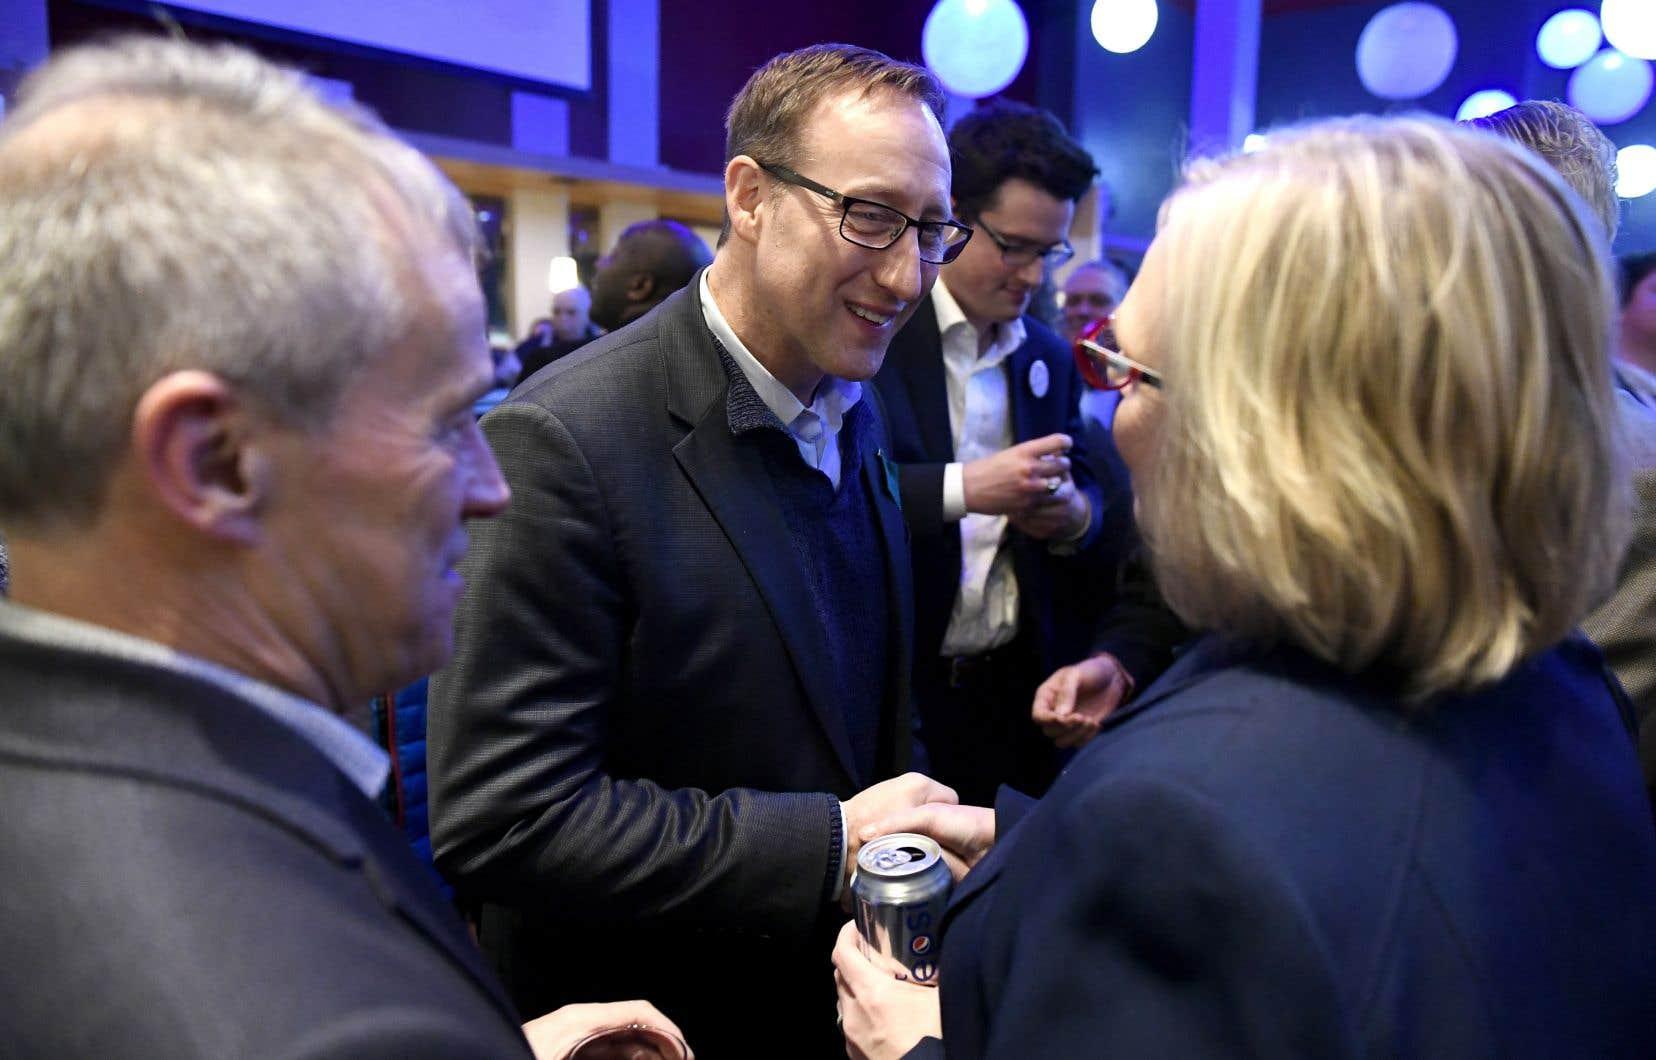 Après avoir prononcé un discours en français samedi en Nouvelle-Écosse, Peter MacKay est allé à Ottawa dimanche.